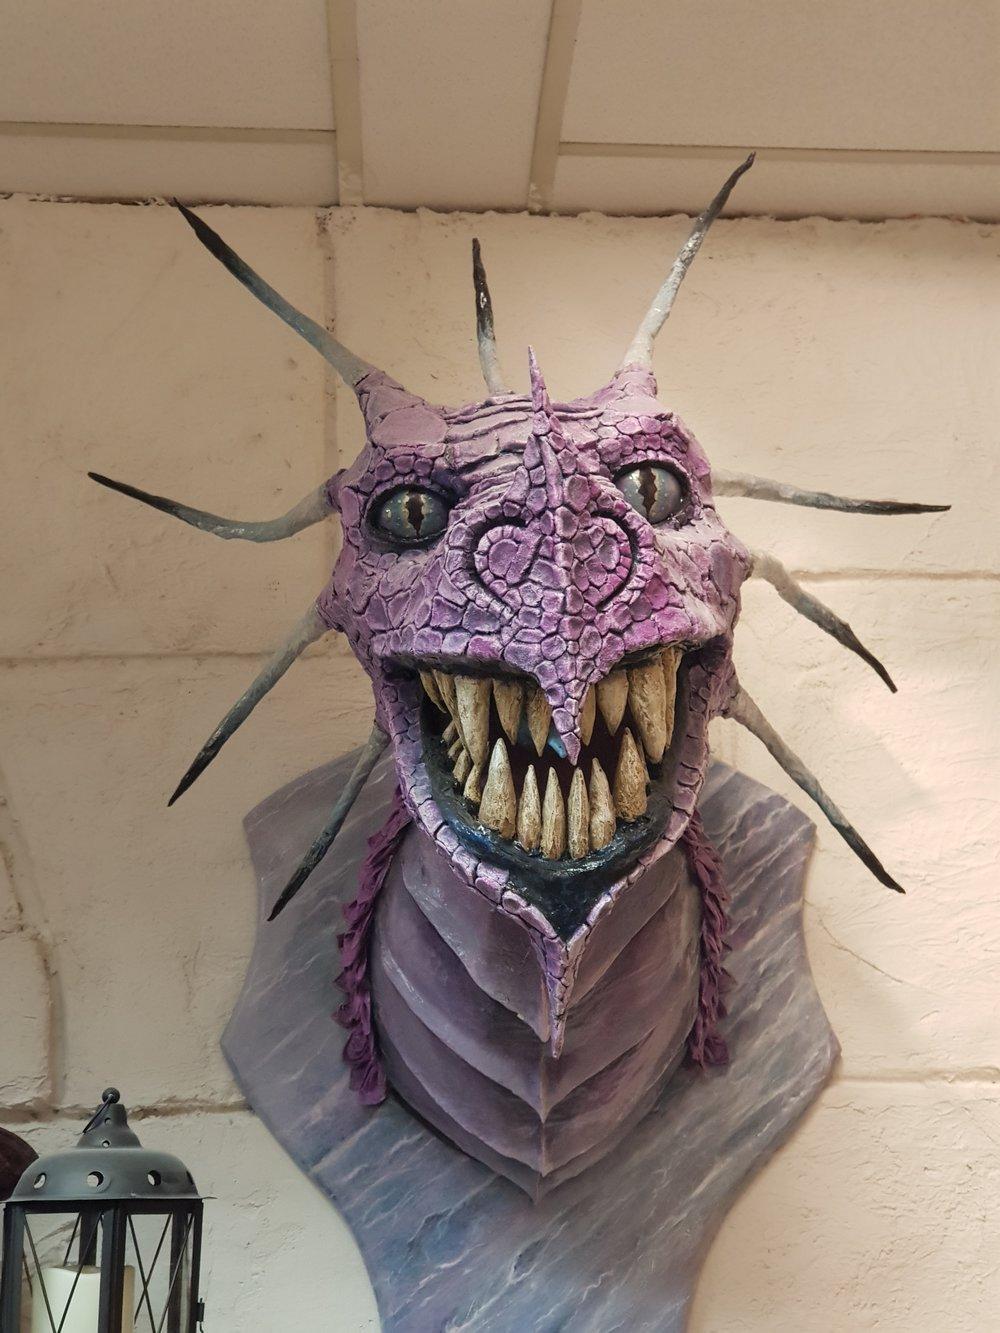 The Purple Dragon (Purperen Draak), pic by Janene